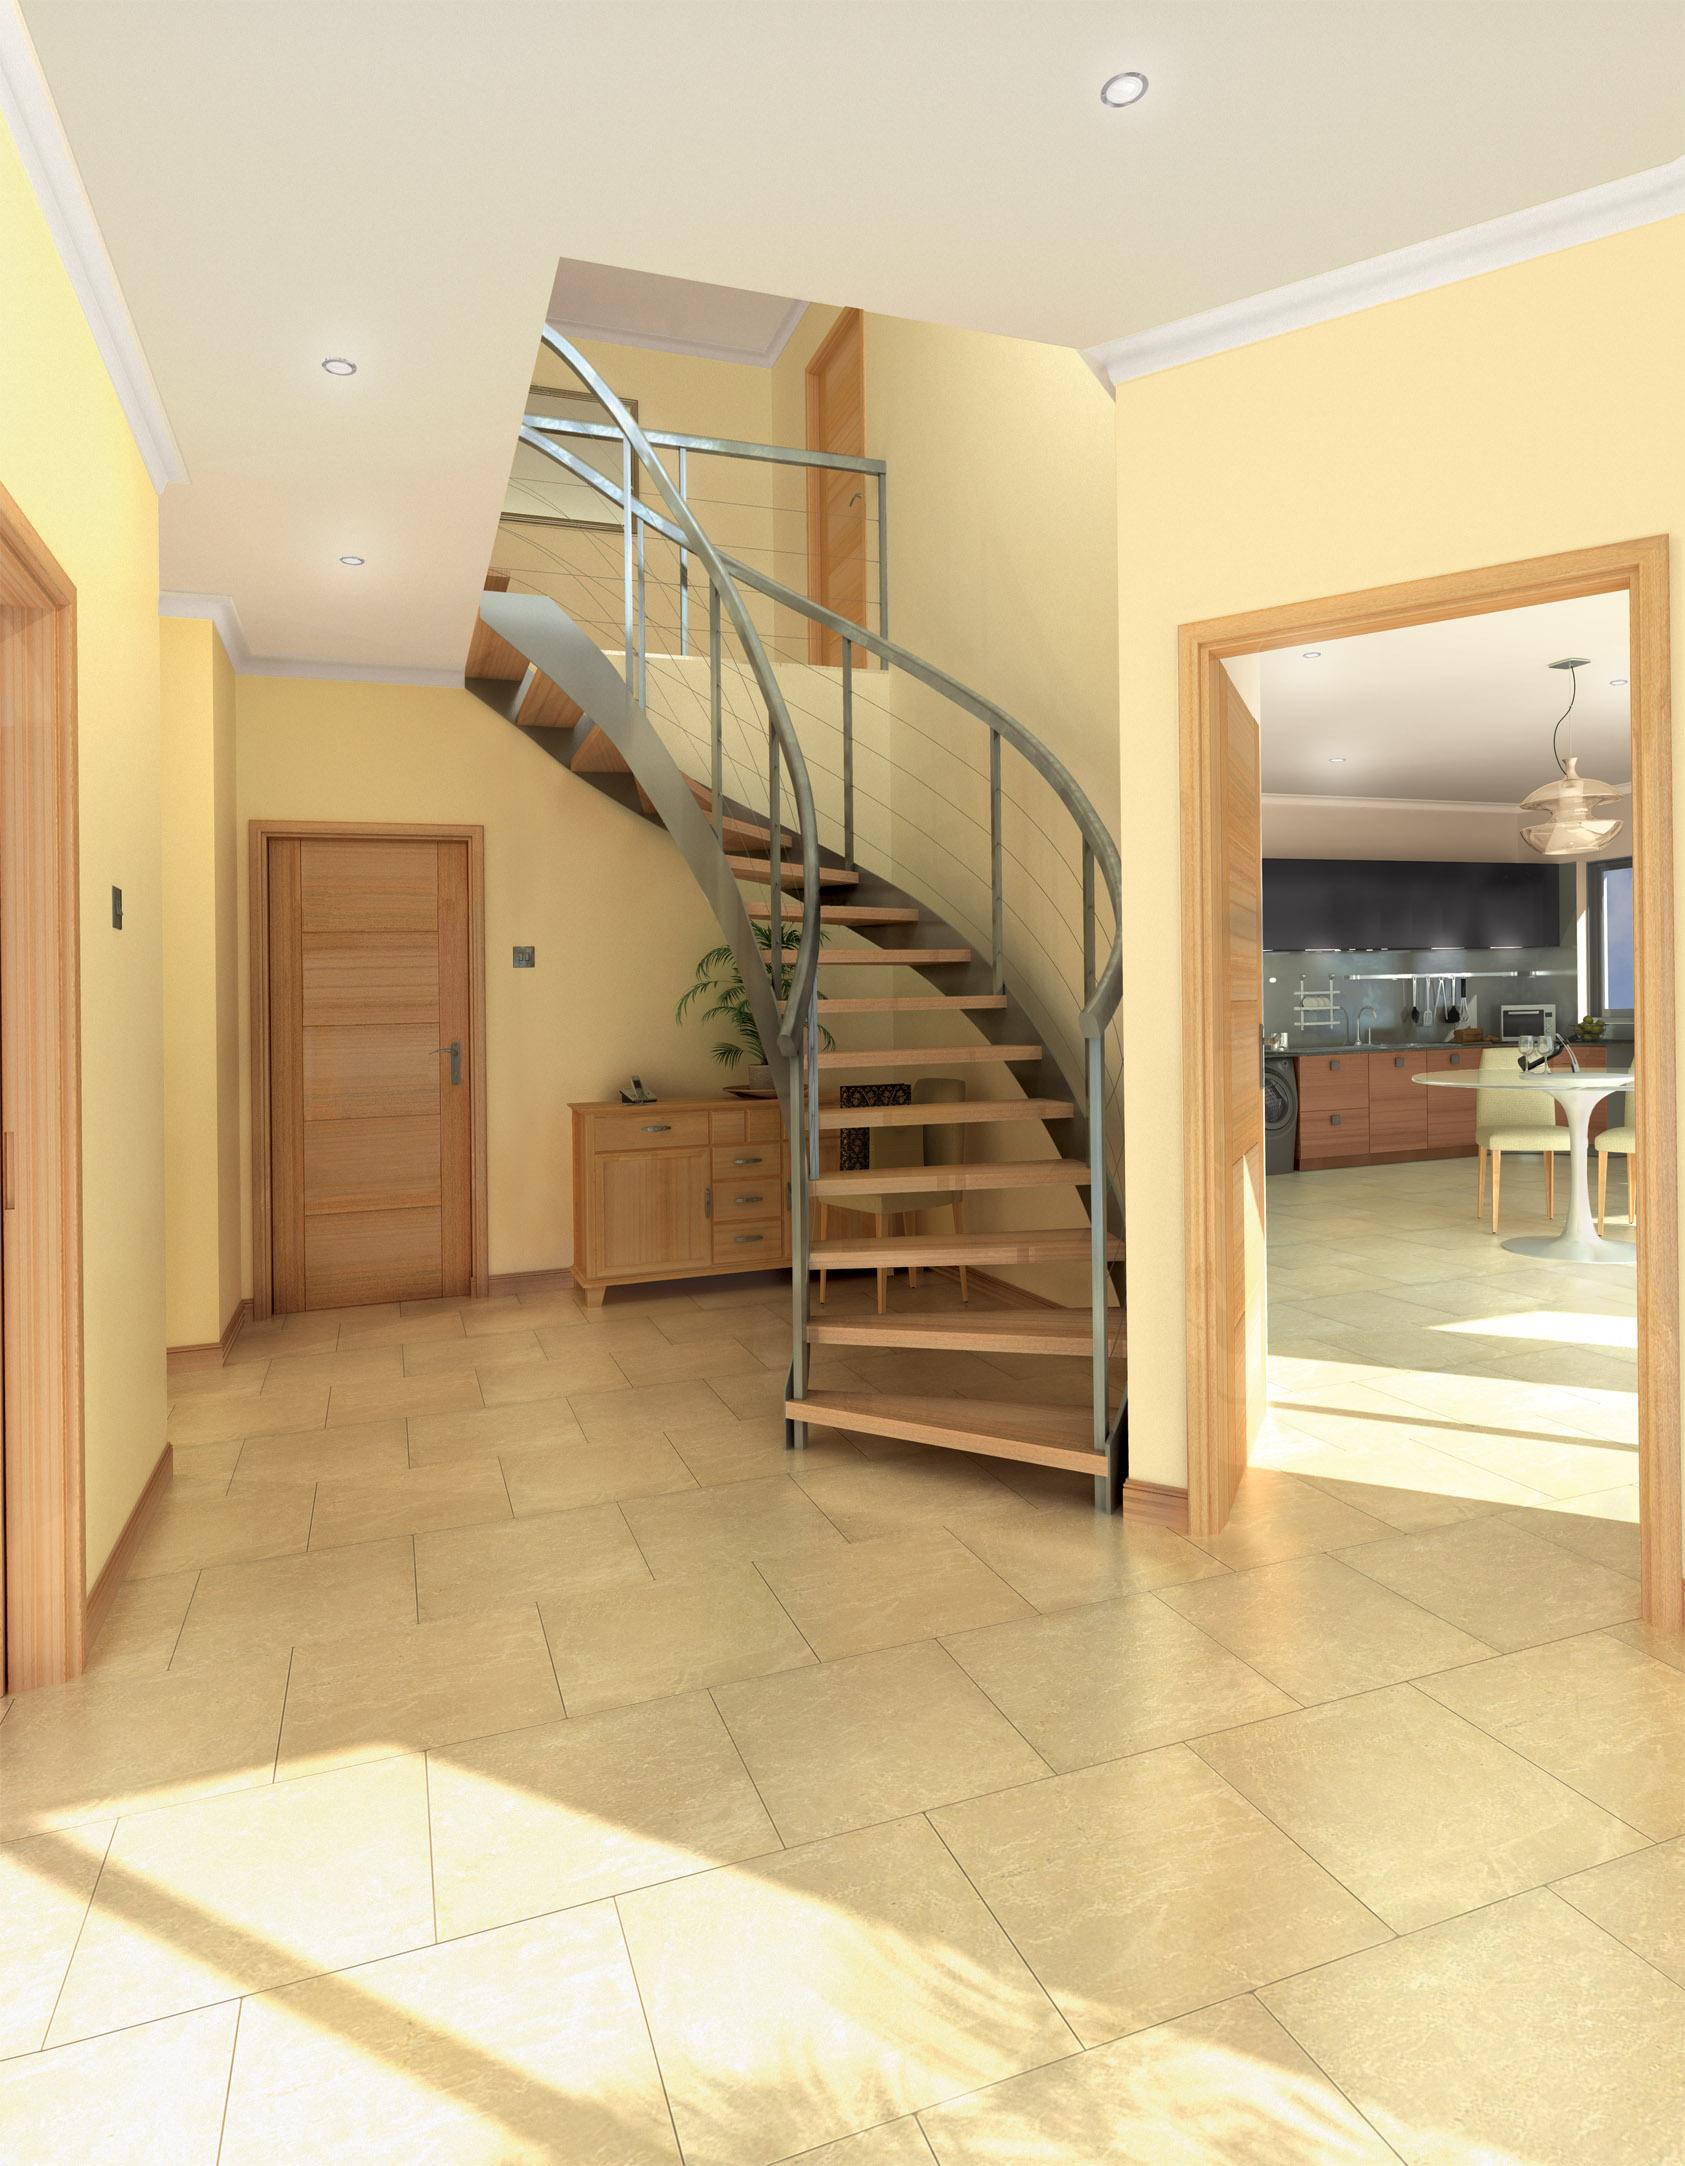 stairs doors2.jpg